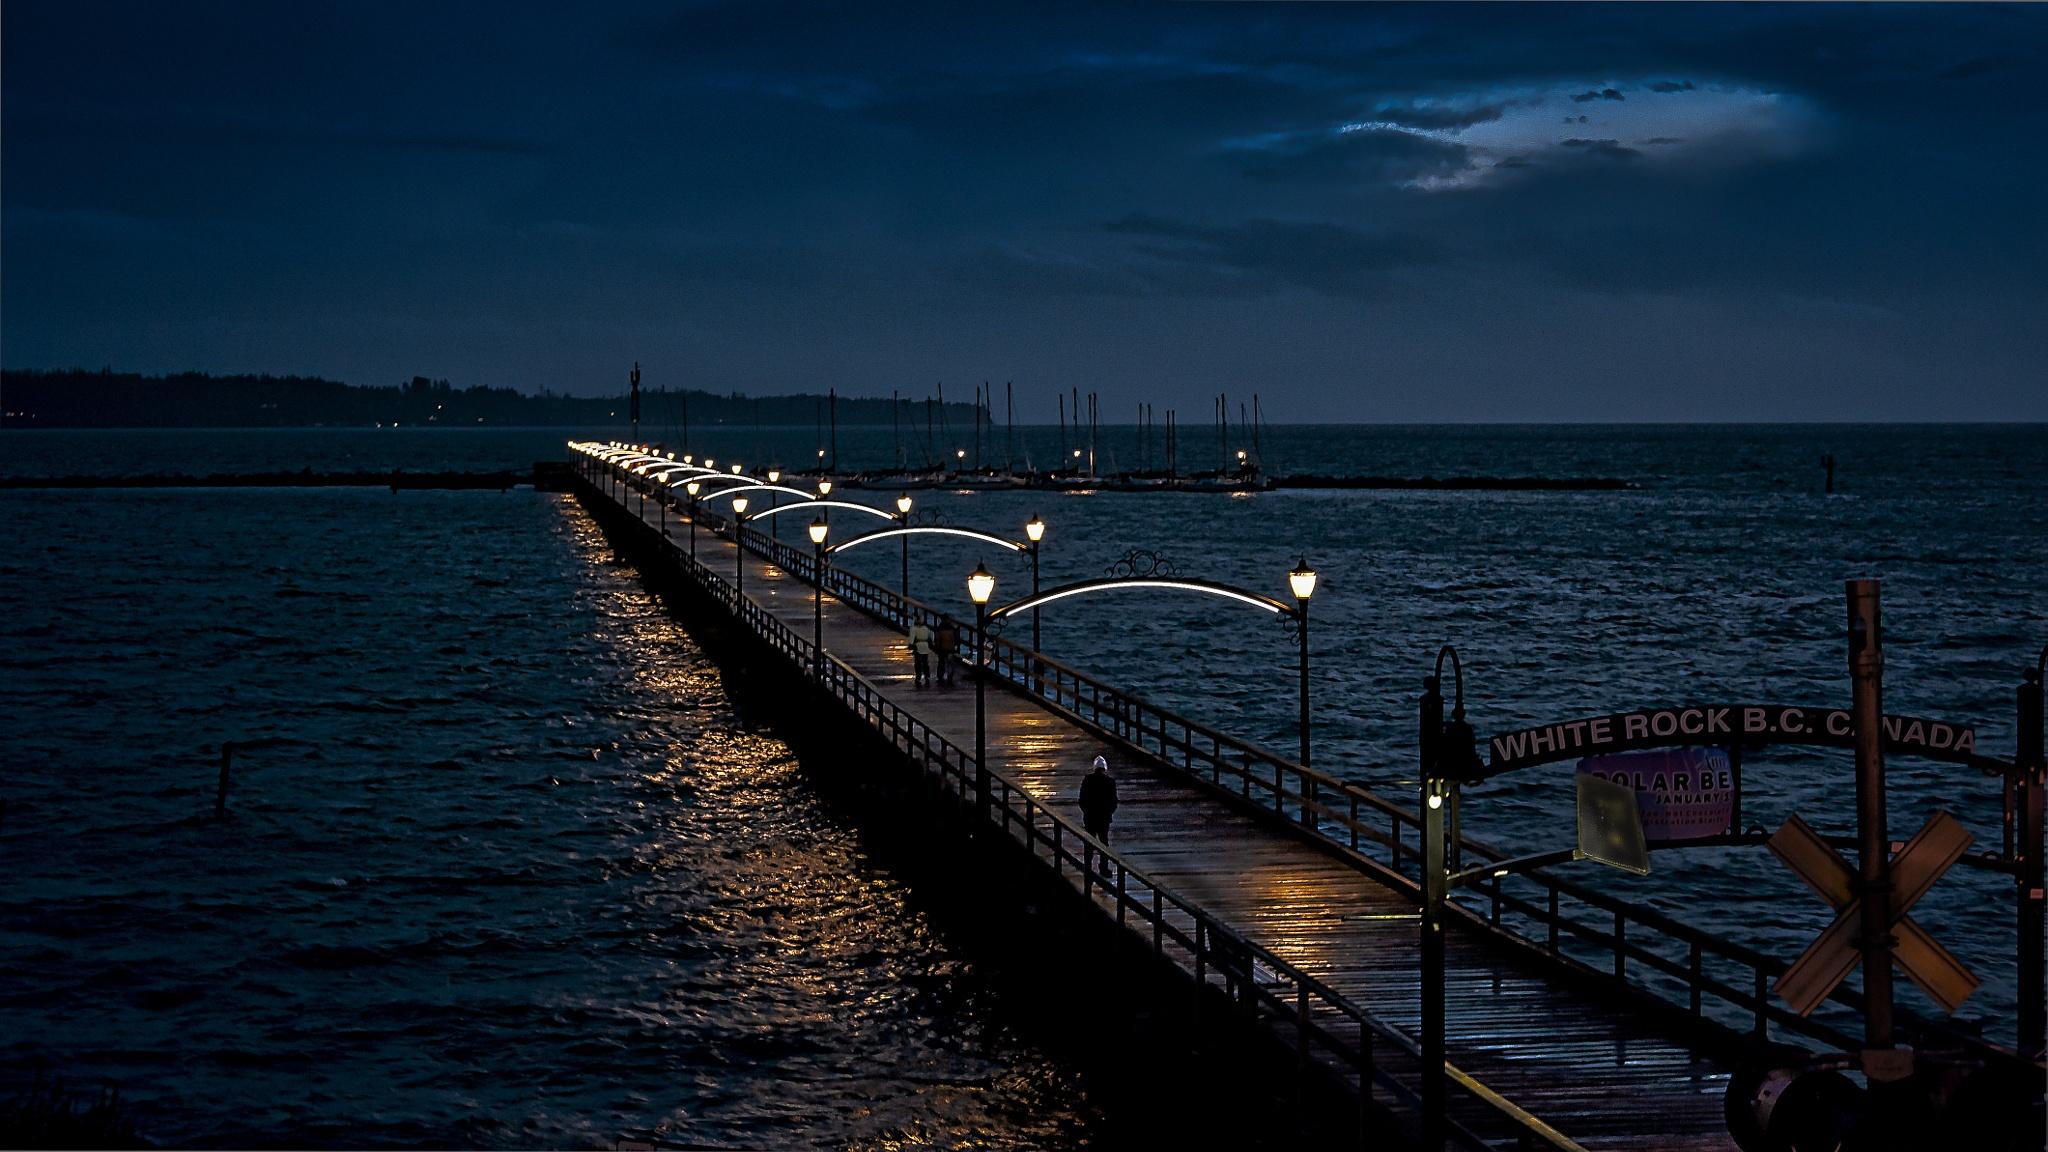 Moonlit Esplanade by gldosa